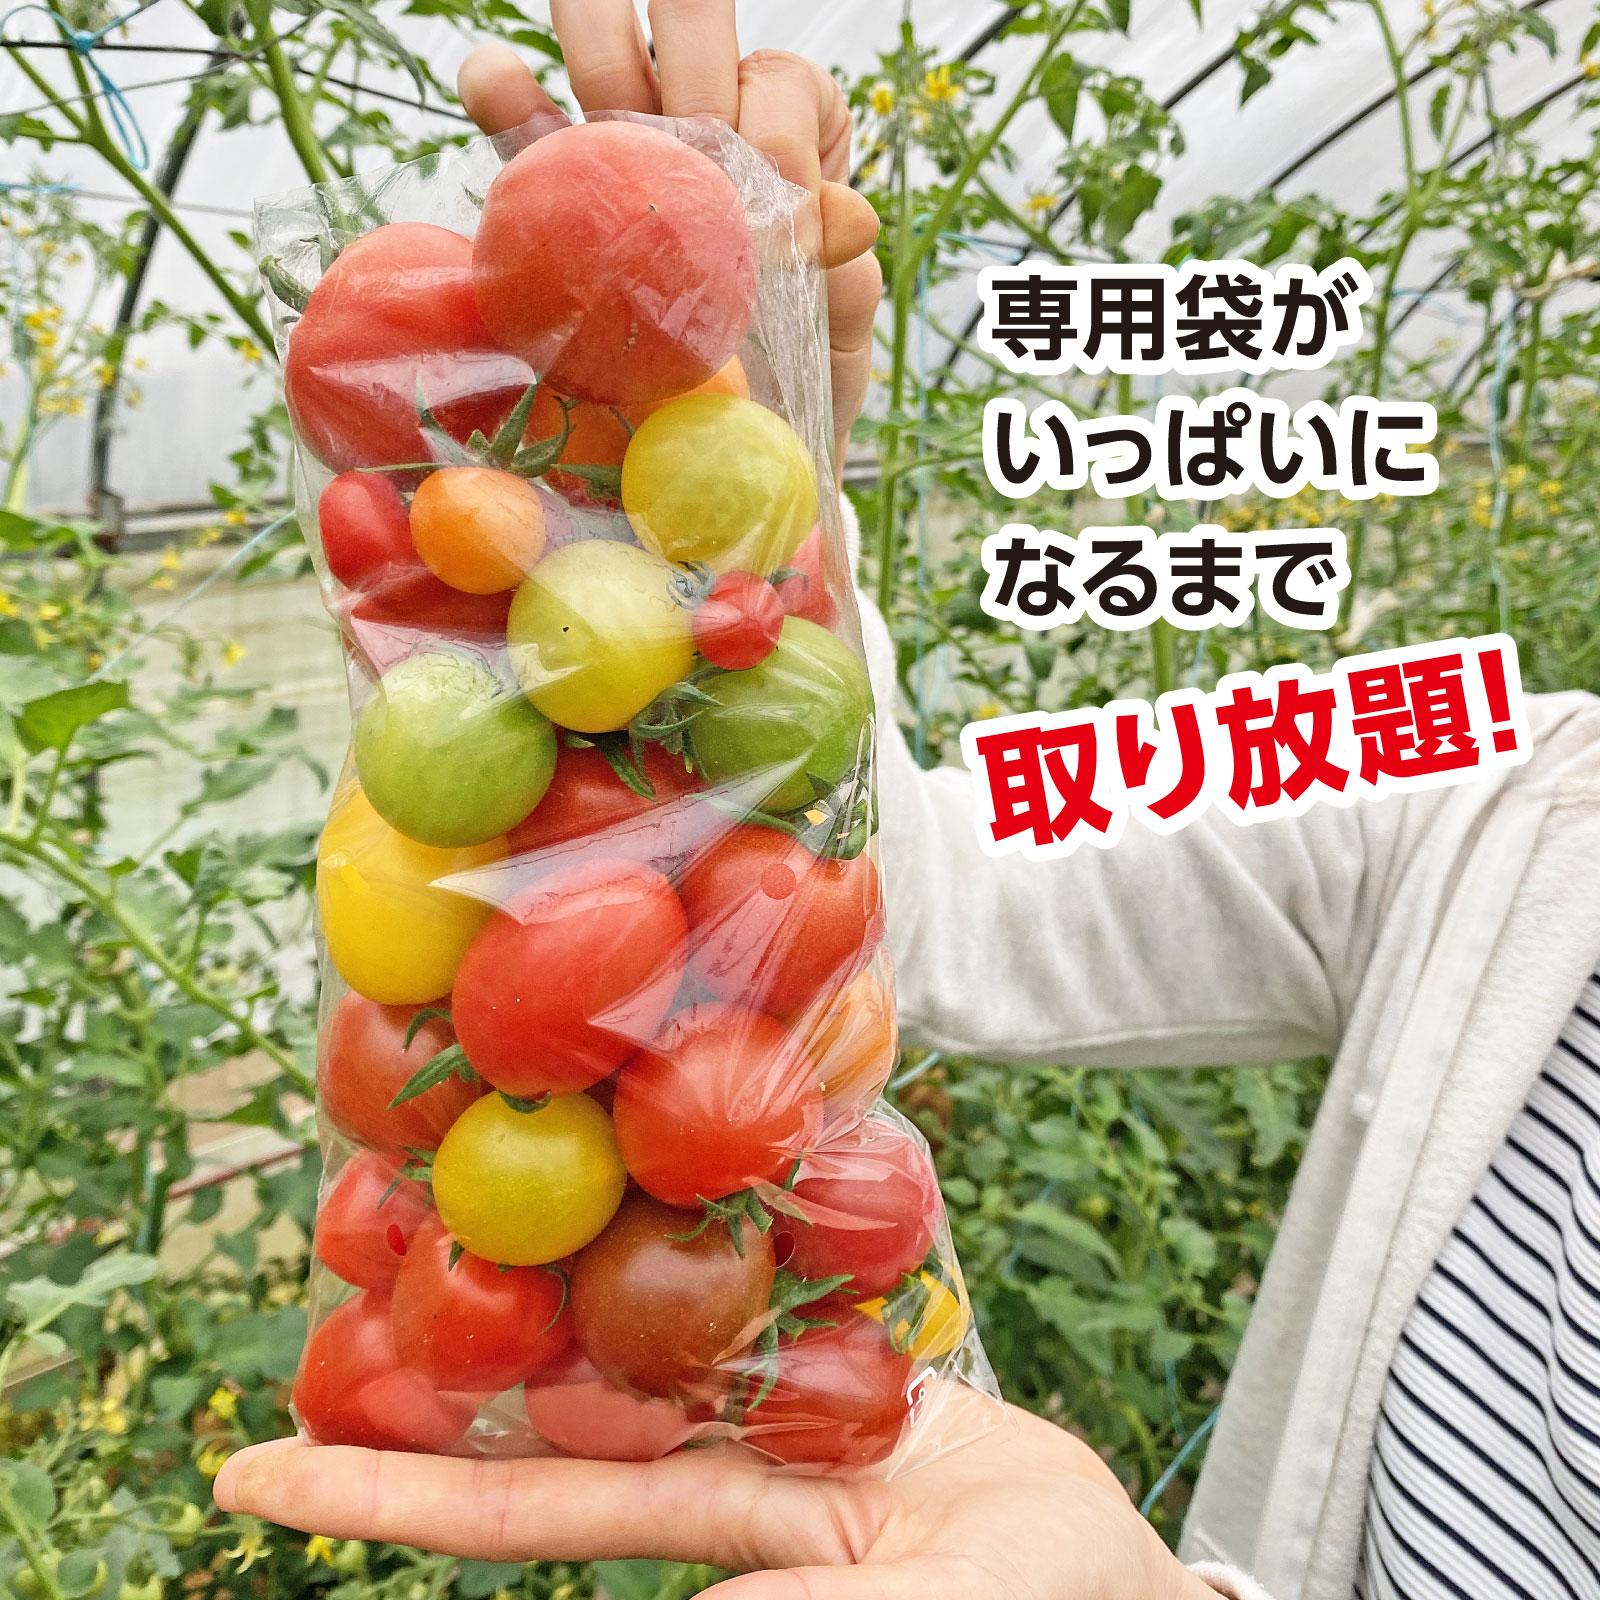 """リンドトマコファーム""""セロリ収穫体験/トマト狩り"""""""